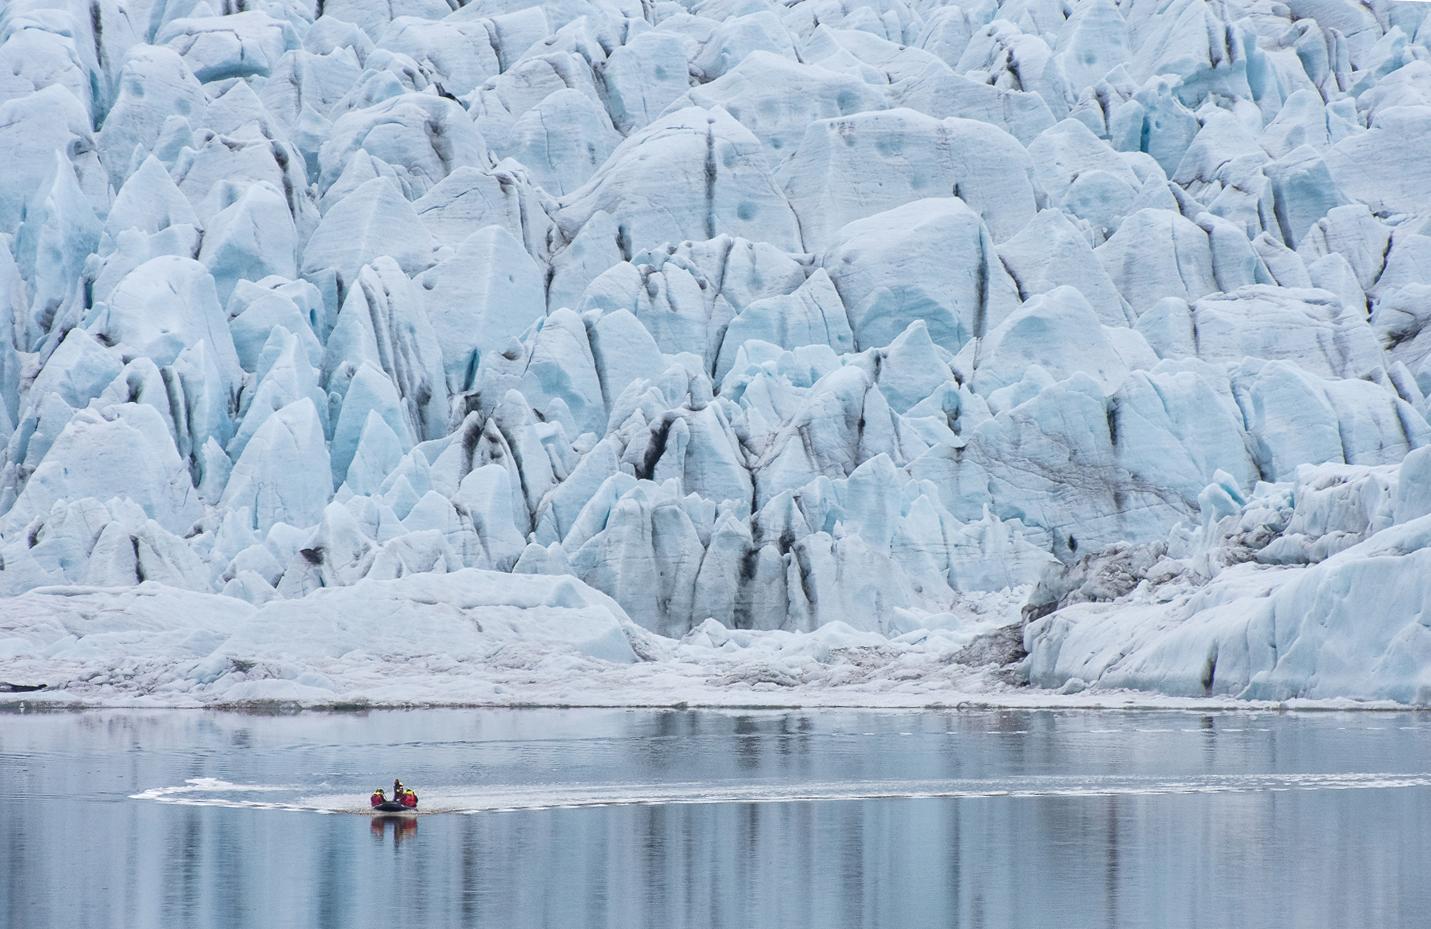 フィヤトルスアゥルロゥン (Fjallsárlón)は南アイスランドにある美しい氷河湖です